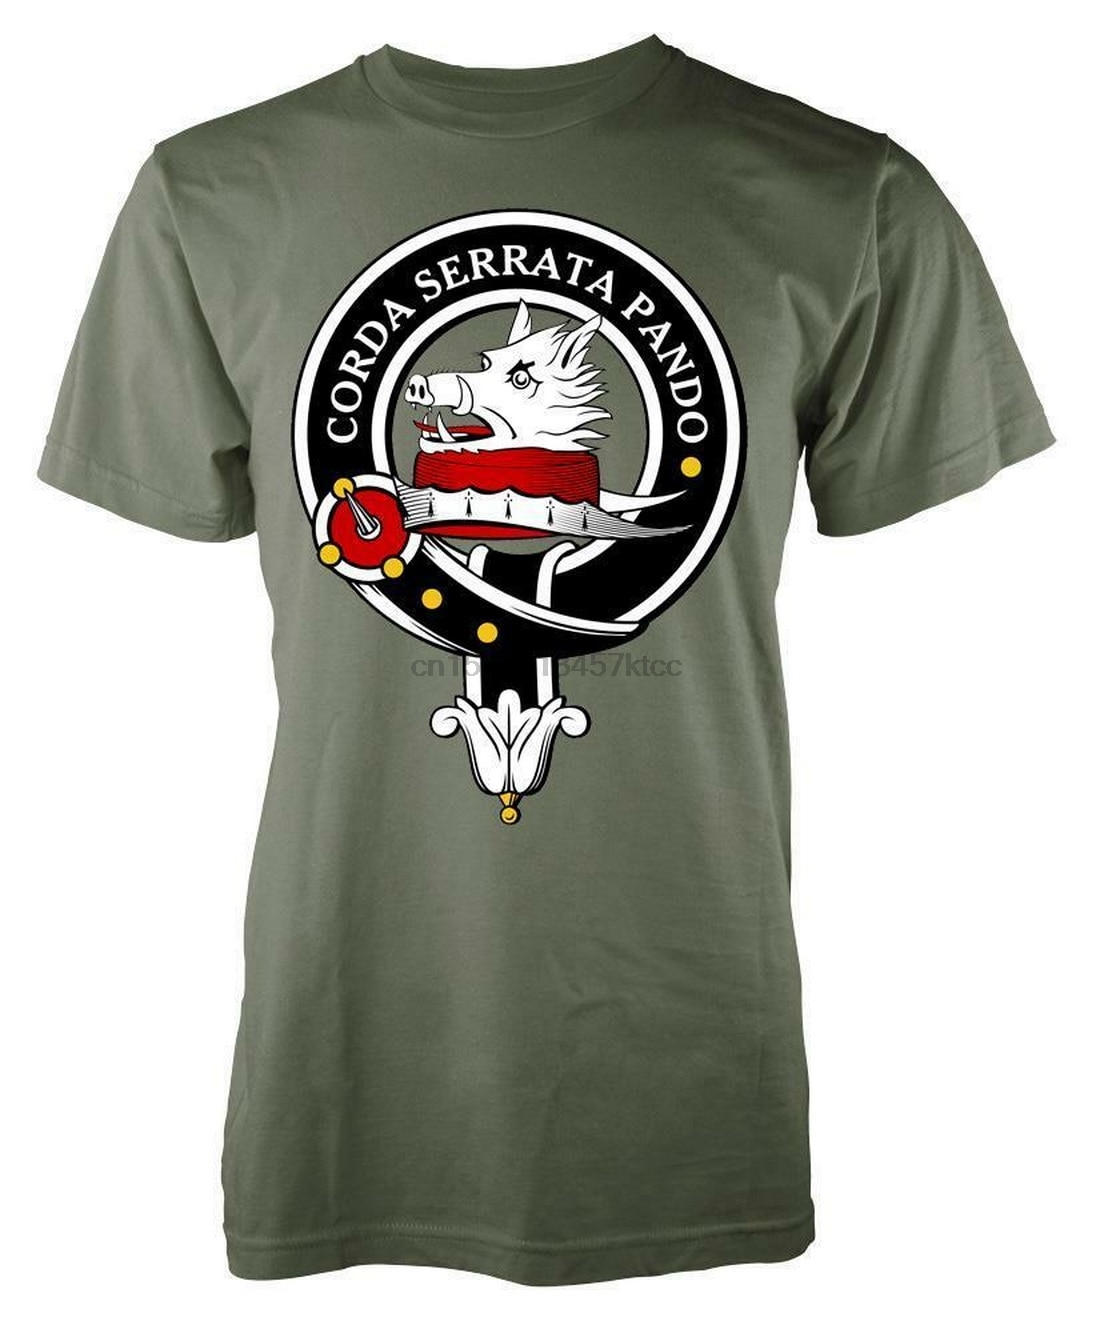 BNWT LOCKHART шотландский клан Шотландка Шотландия семья имя взрослый Топы Футболка S-XXL по индивидуальному заказу футболка с круглым вырезом